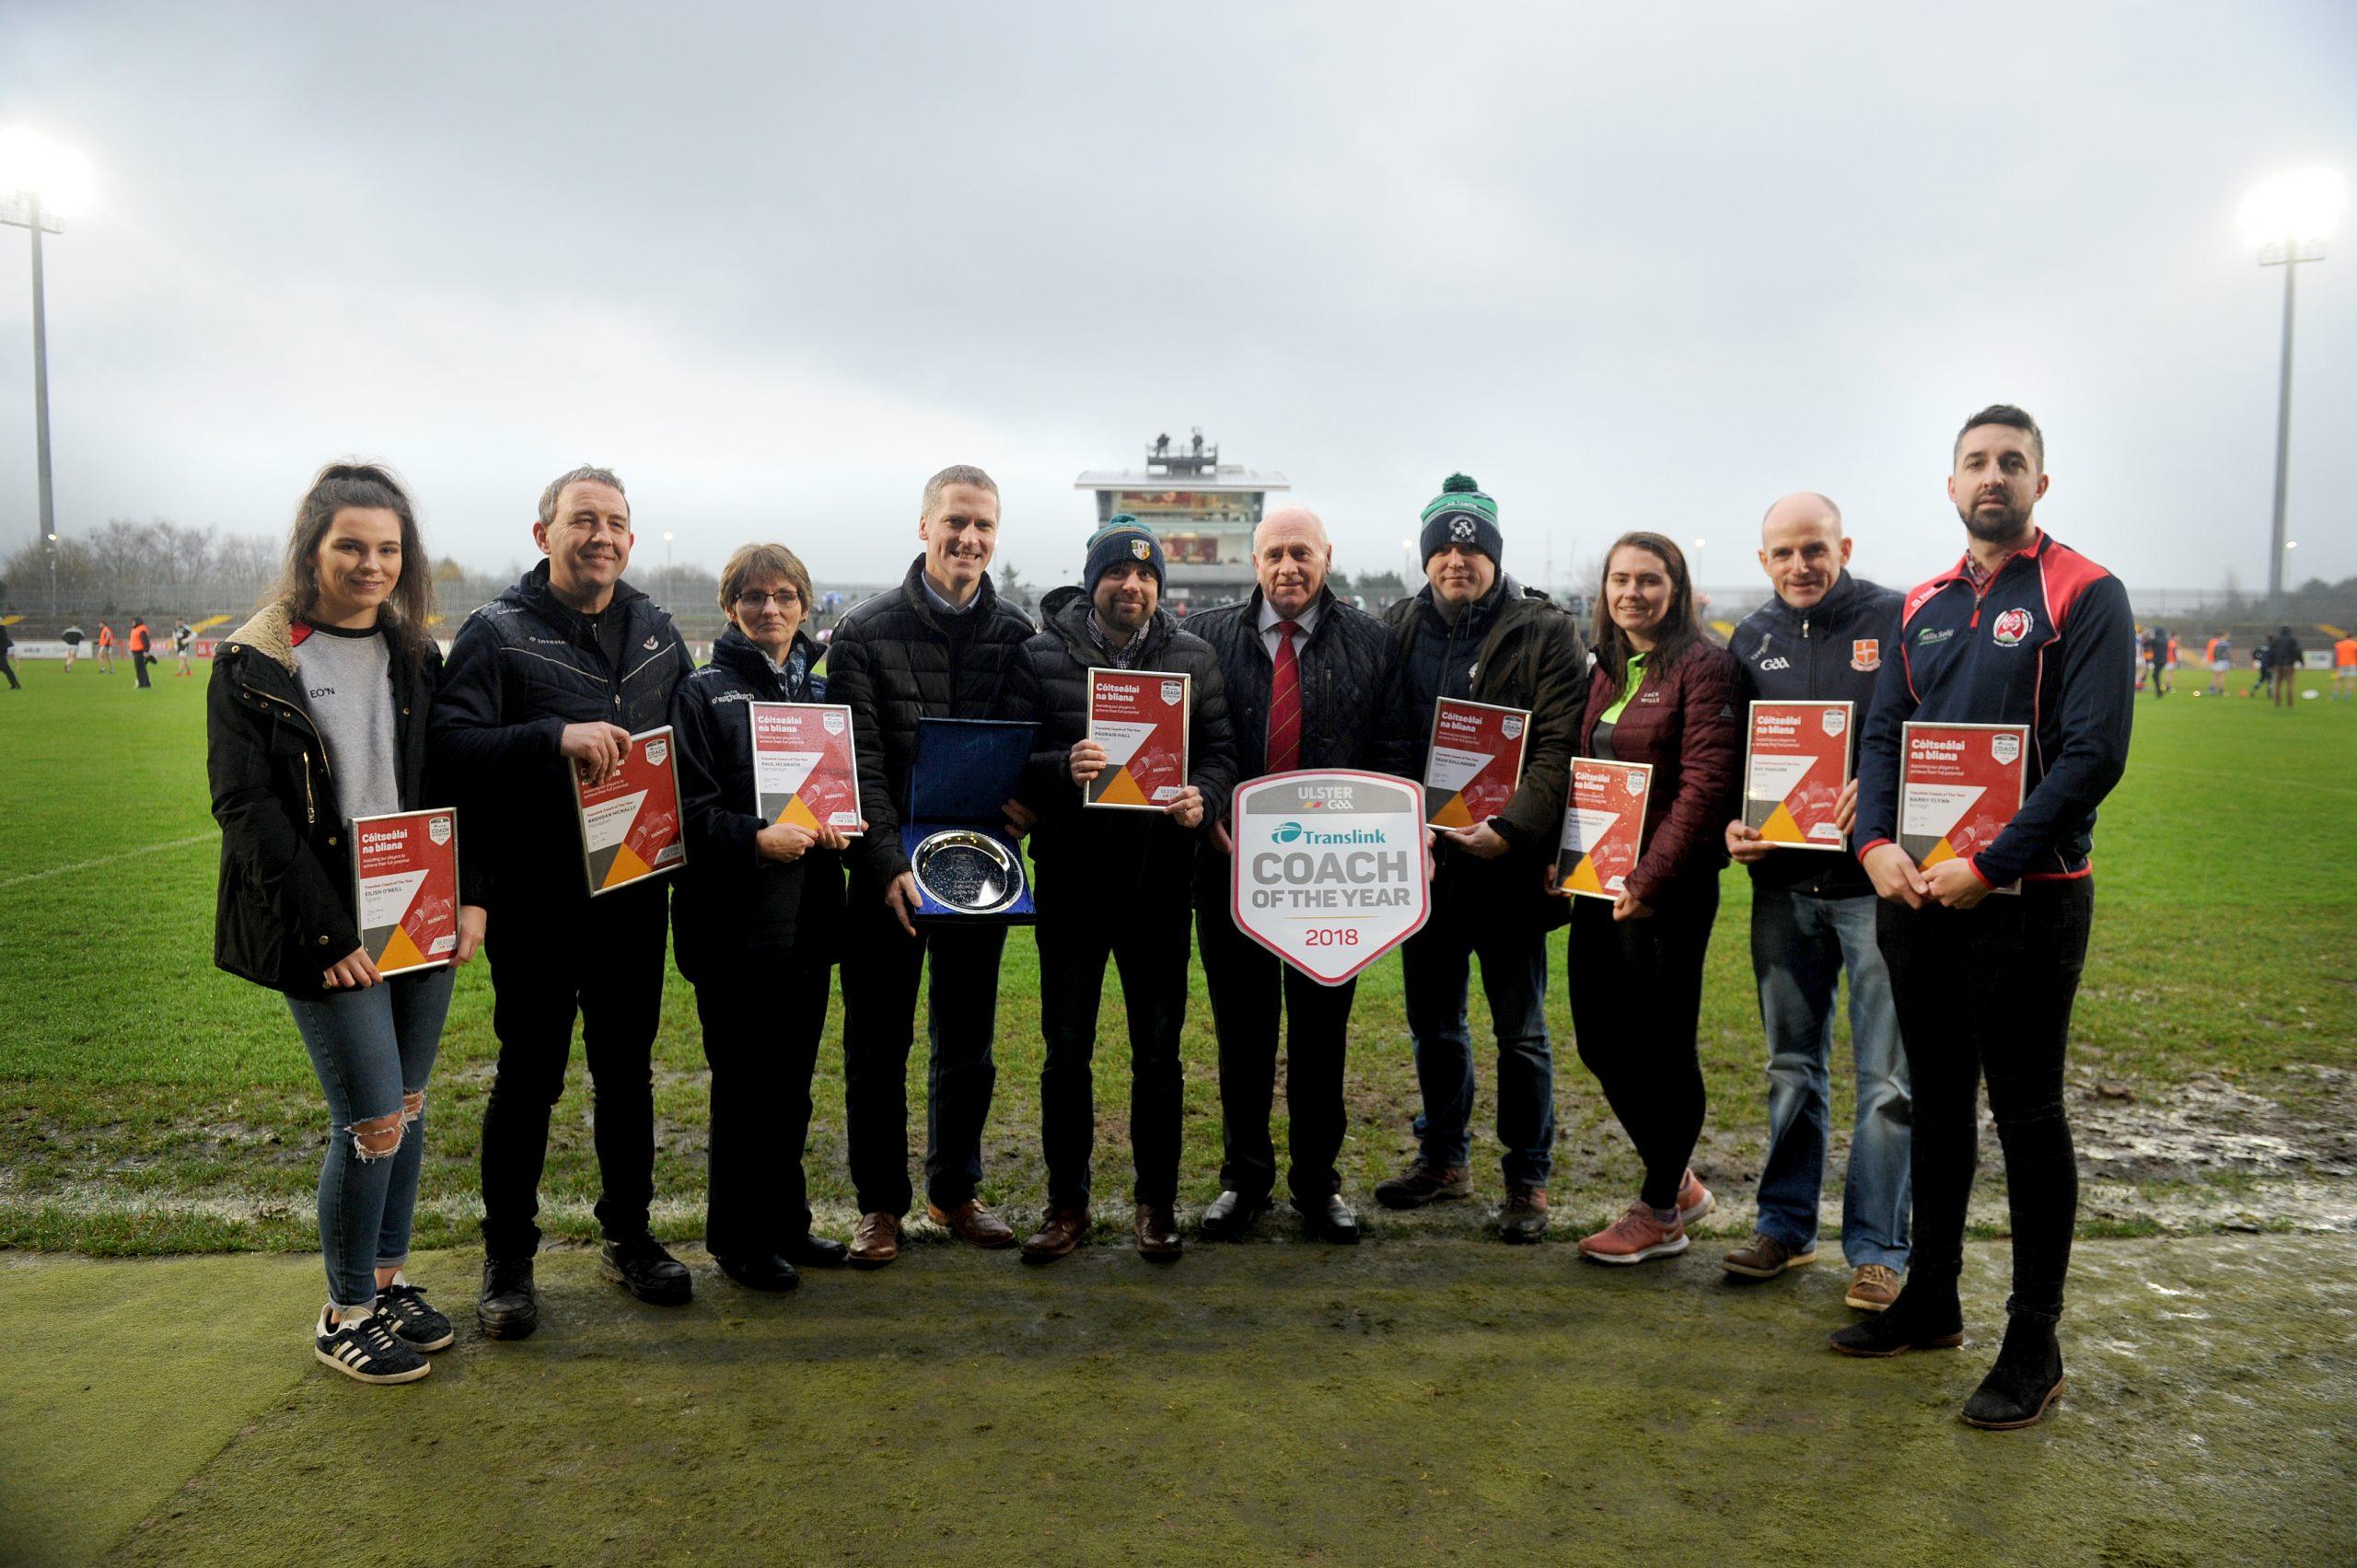 Gort na Móna clubman wins Translink Ulster GAA Coach of the Year award